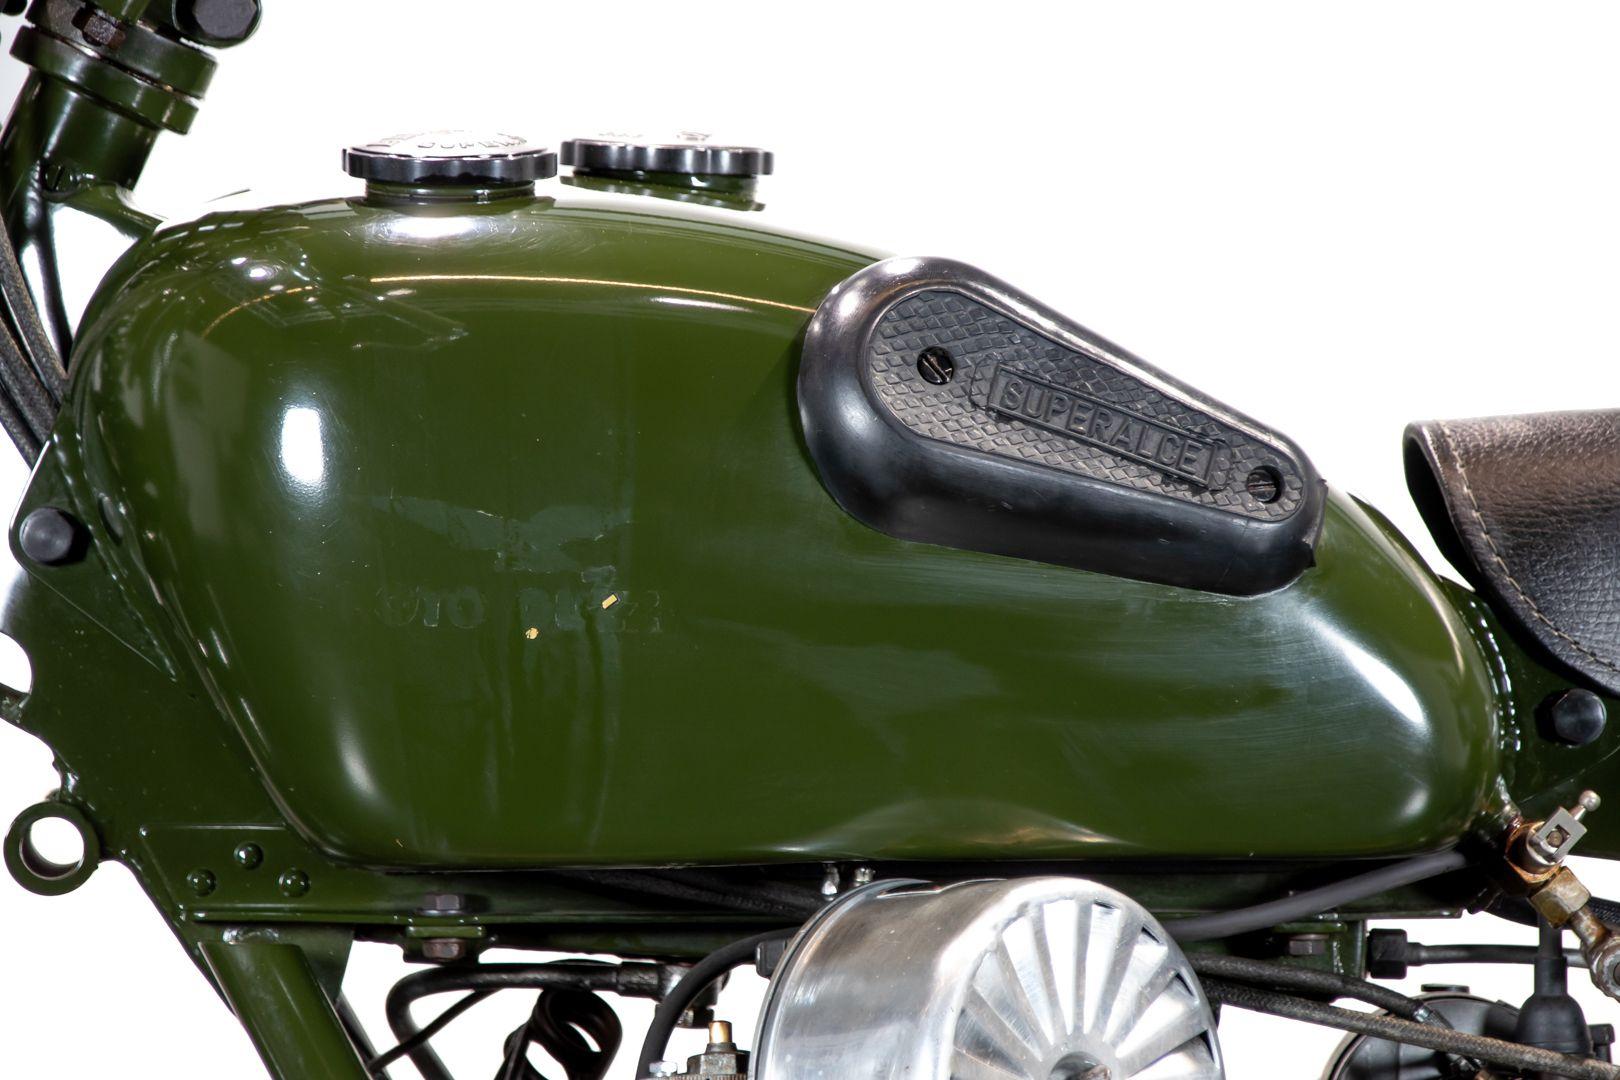 1977 Moto Guzzi 500 Super Alce 59440